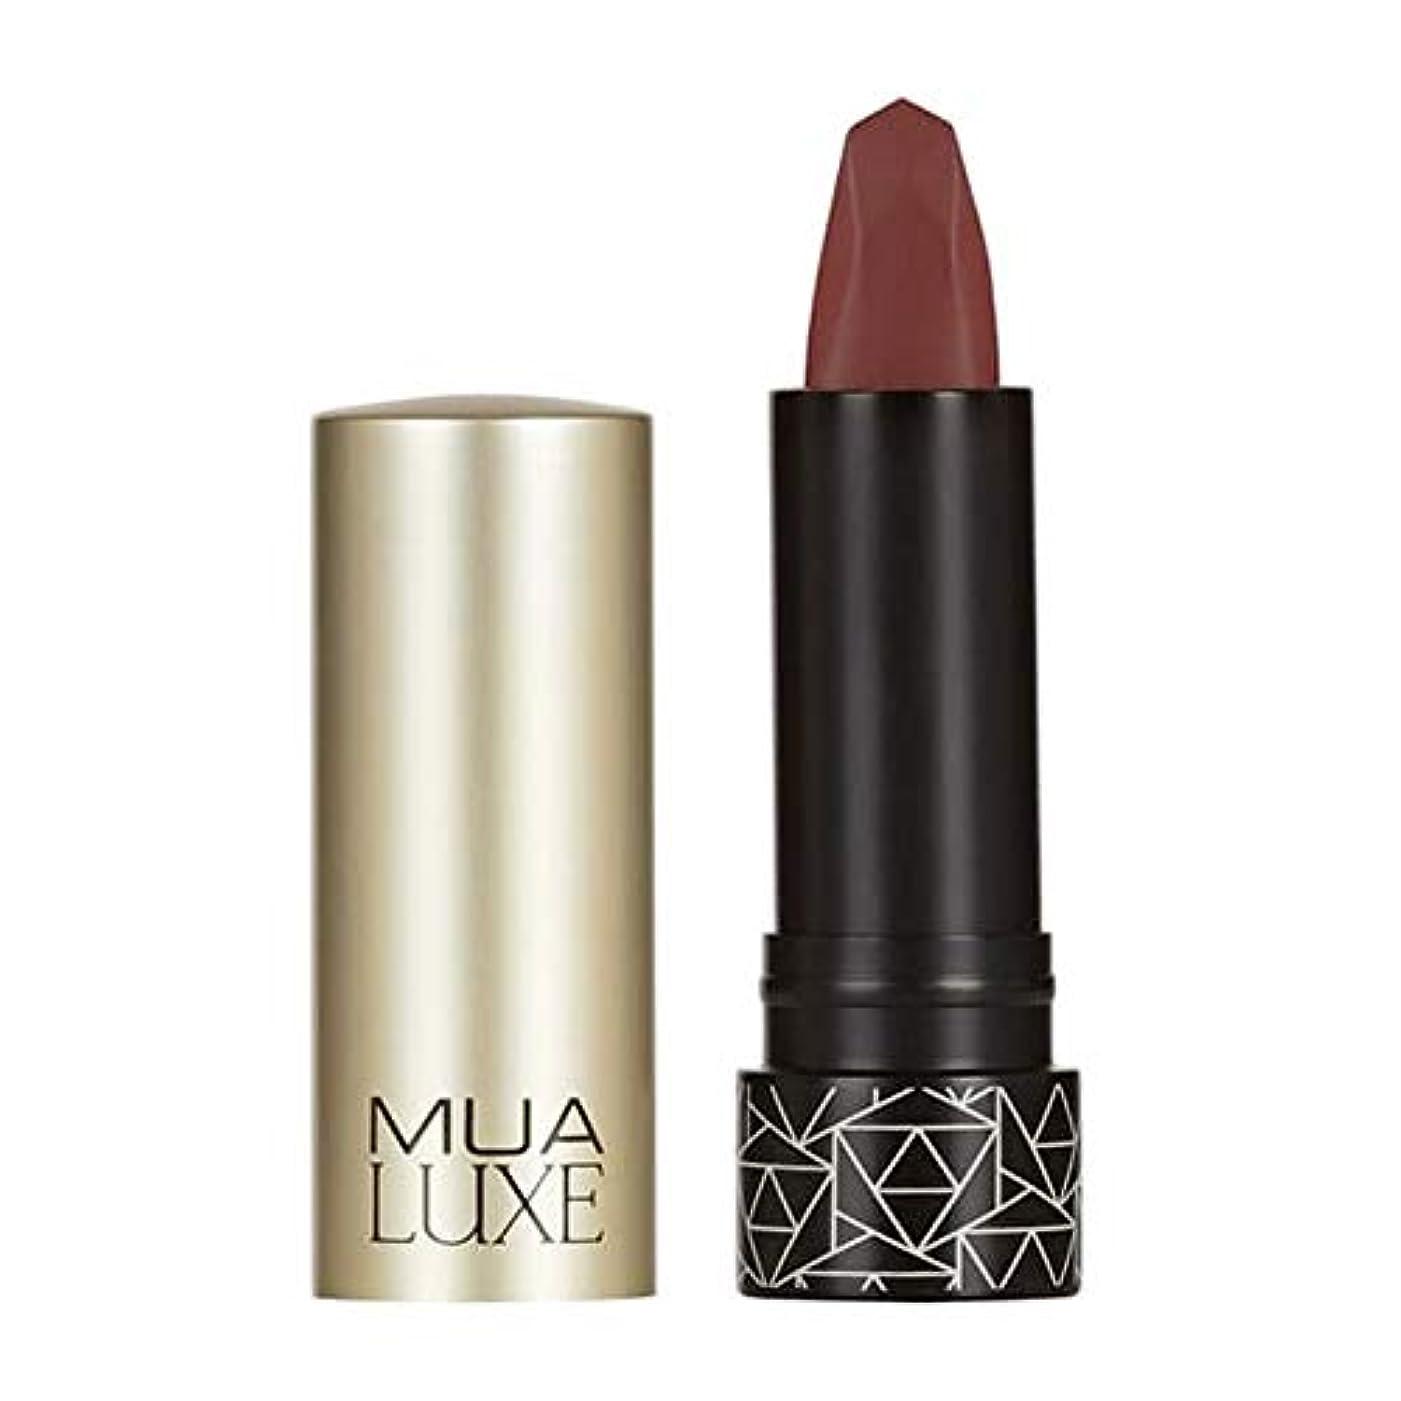 船上どこかフォーマル[MUA] Muaラックスベルベットマットリップスティック#3 - MUA Luxe Velvet Matte Lipstick #3 [並行輸入品]